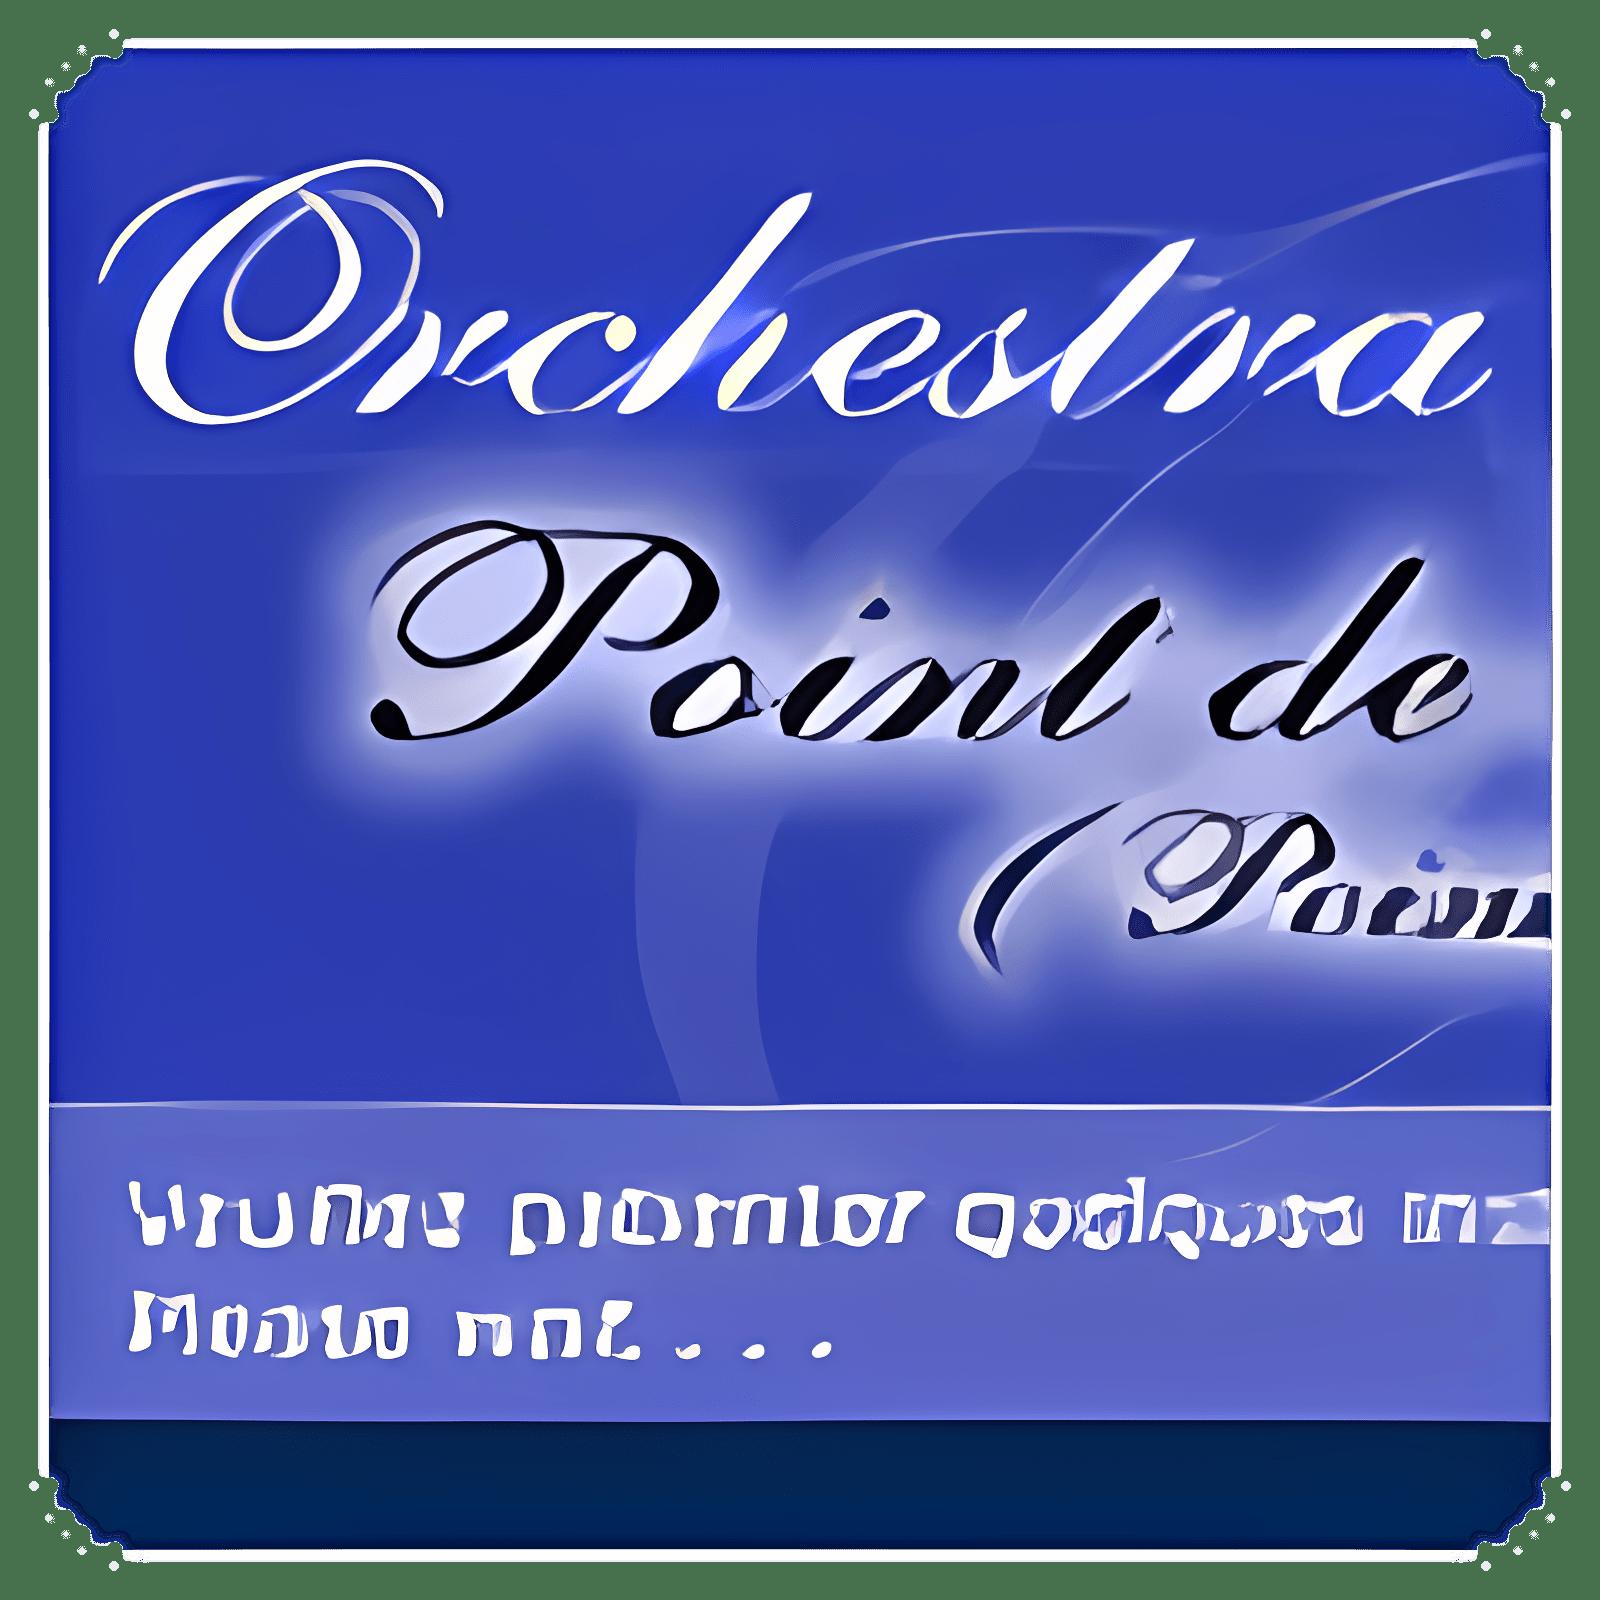 Orchestra Punto de venta